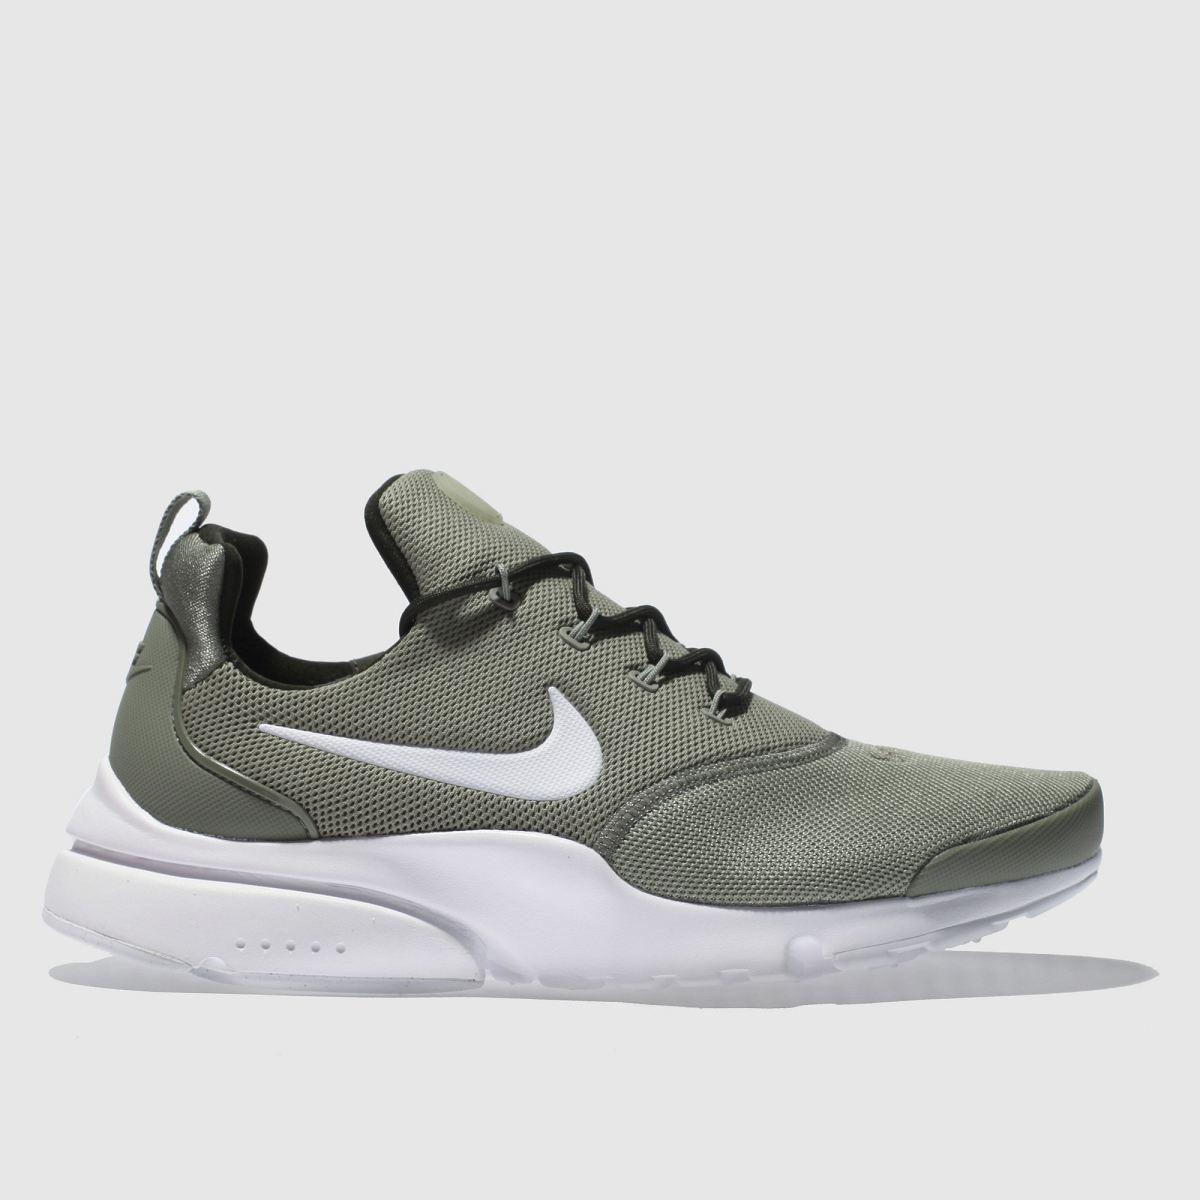 Nike Khaki Presto Fly Trainers